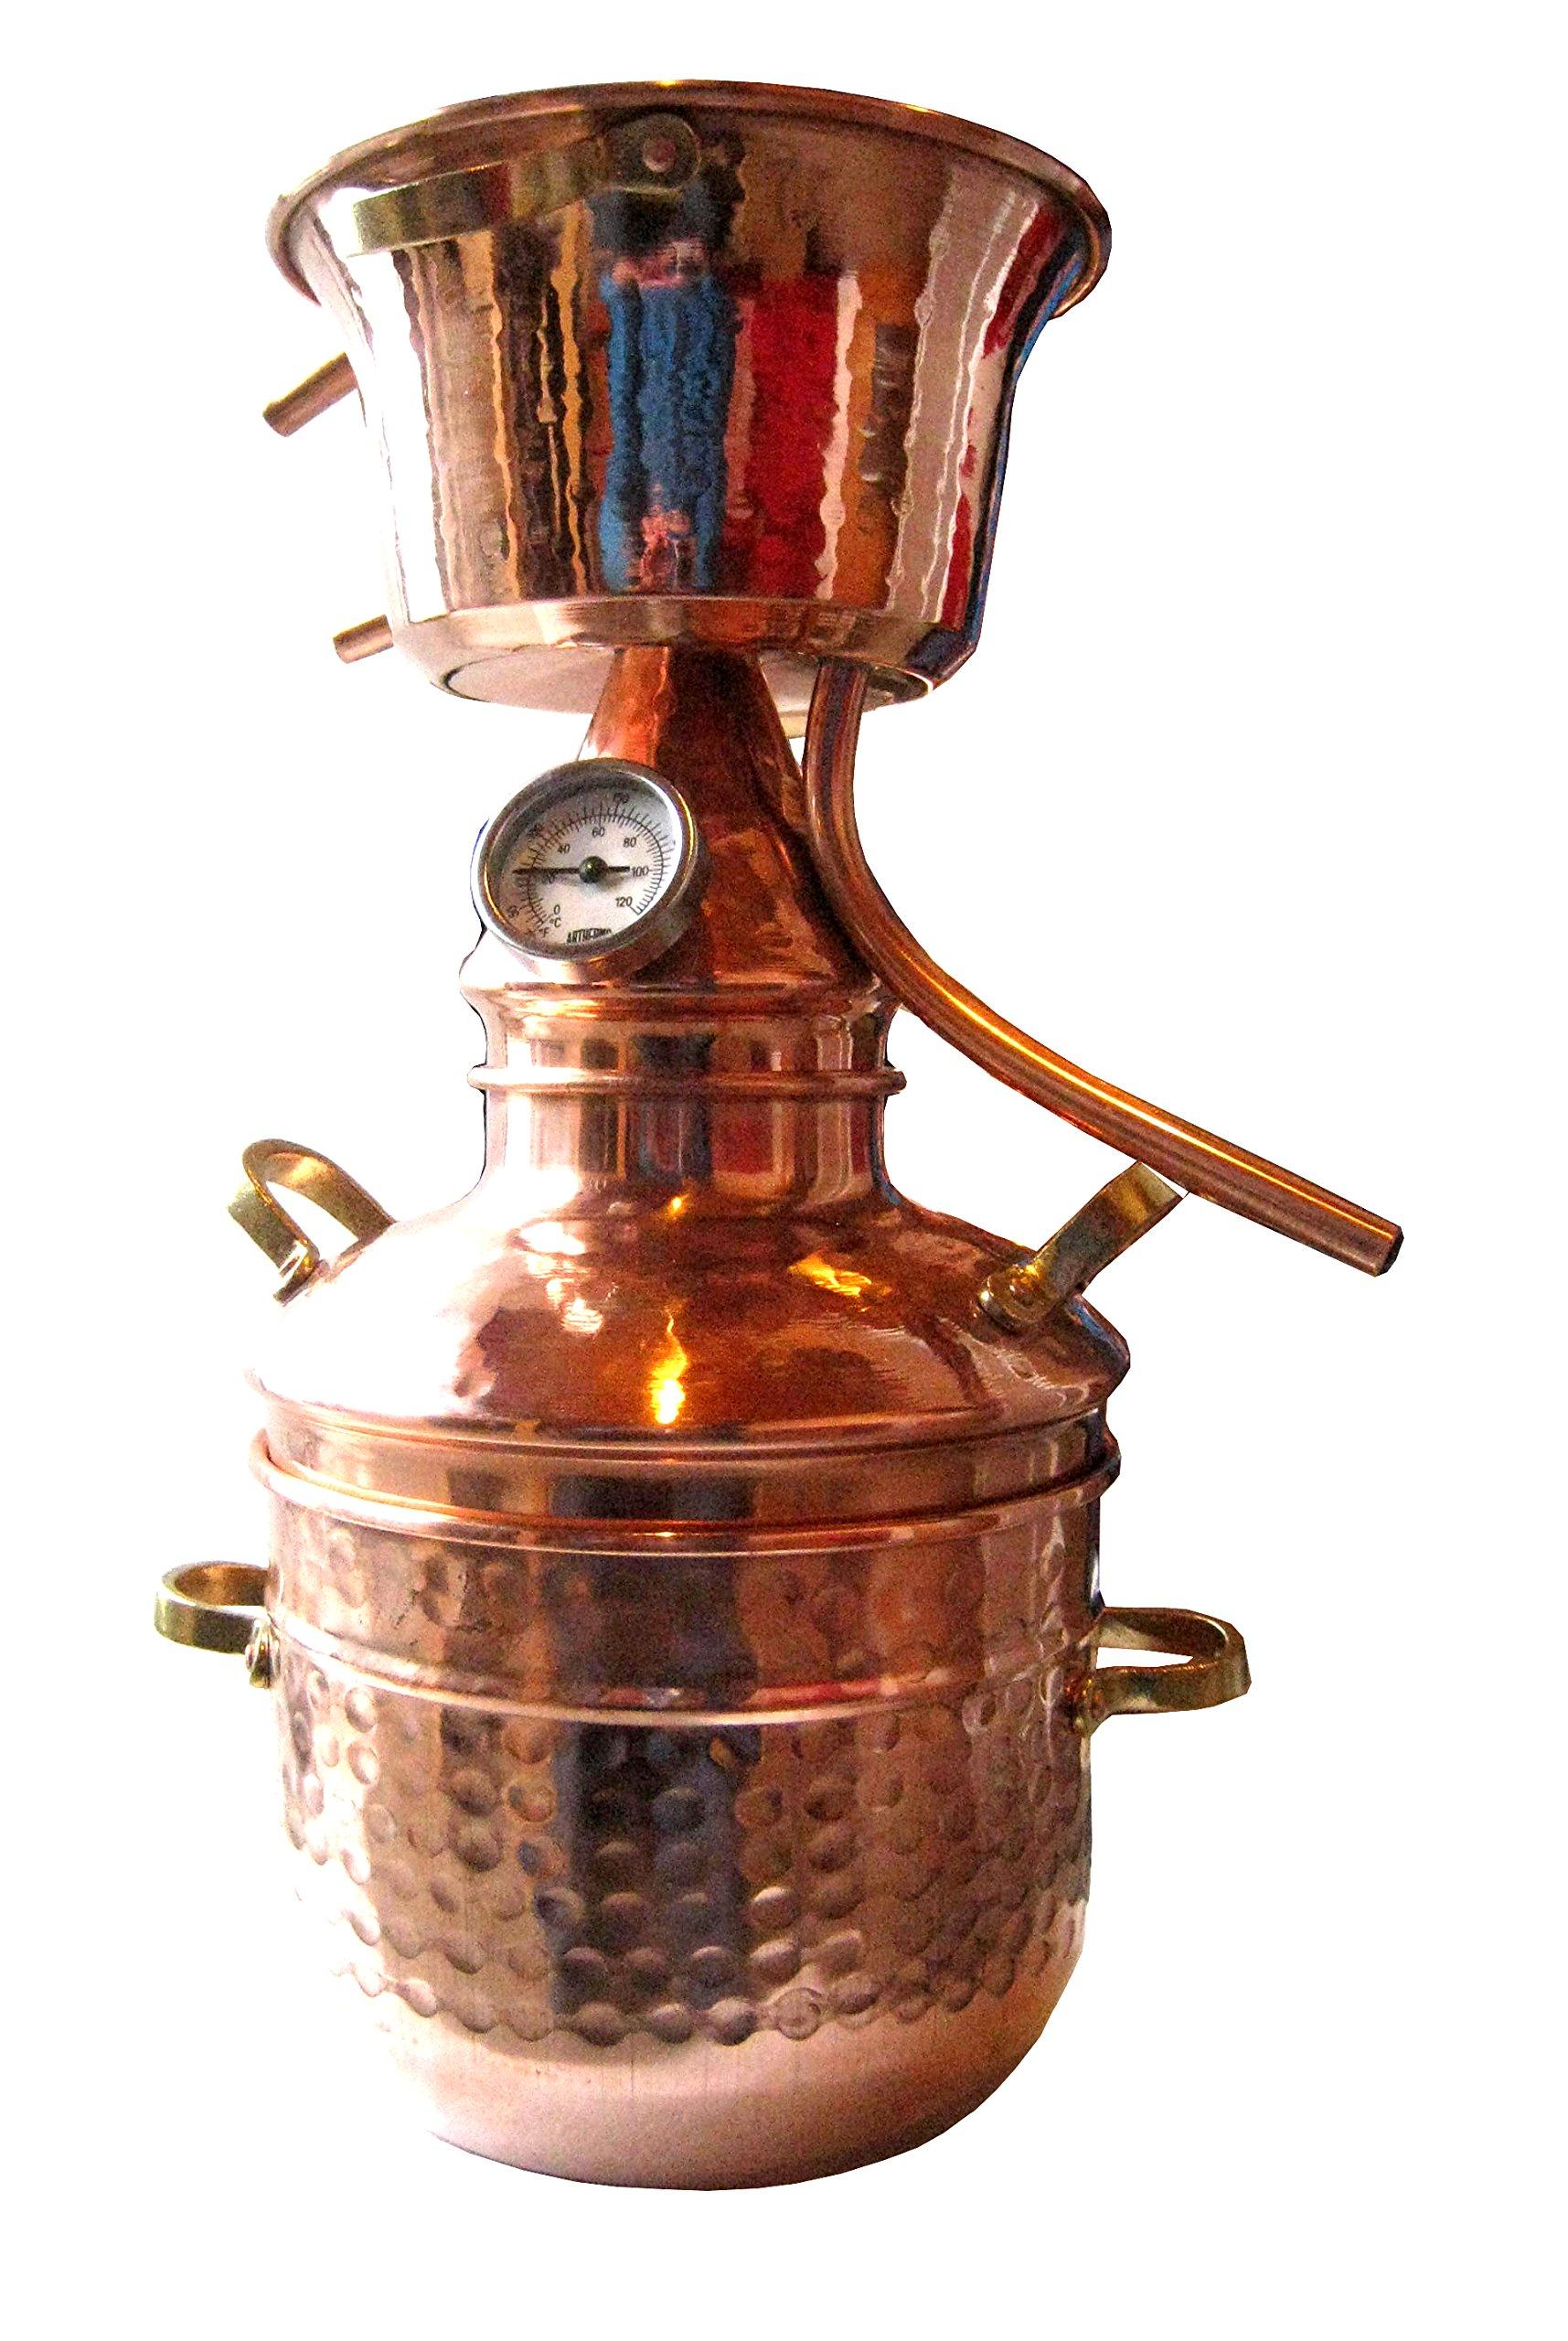 Alquitara Aus Kupfer 2 Liter Mit Thermometer   Destille ätherische Öle   2L  (anmeldefrei)